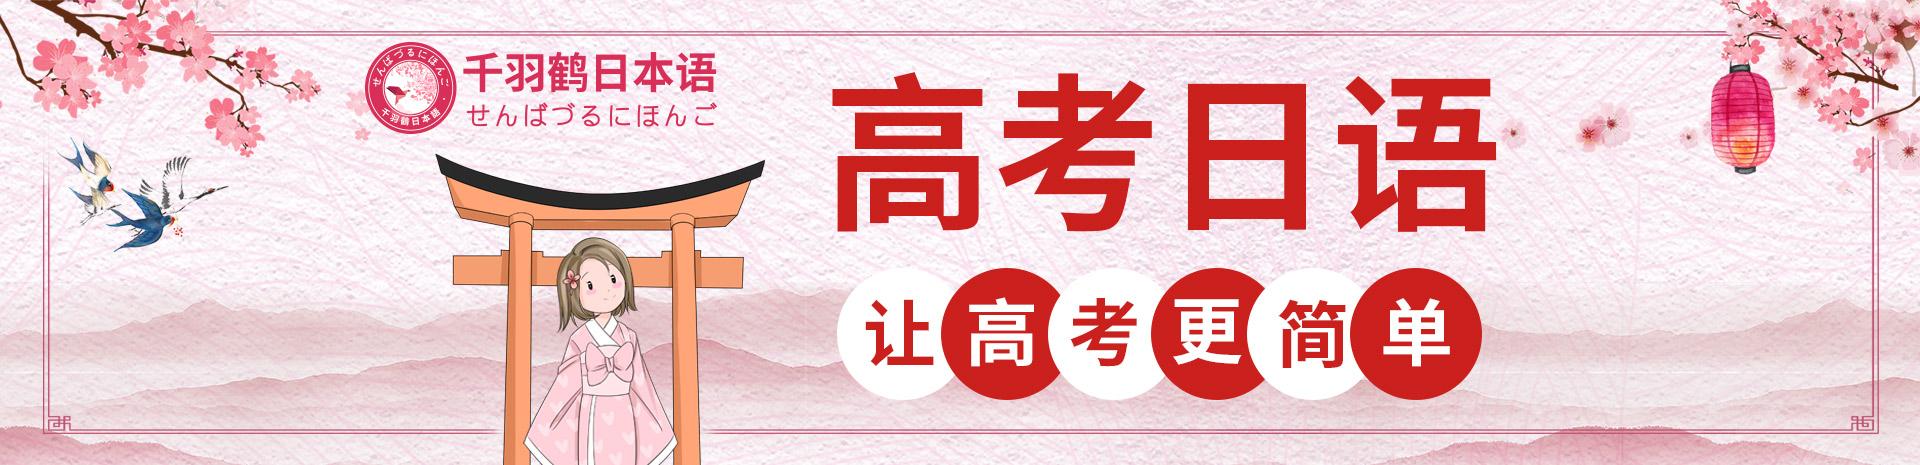 杭州千羽鹤日本语